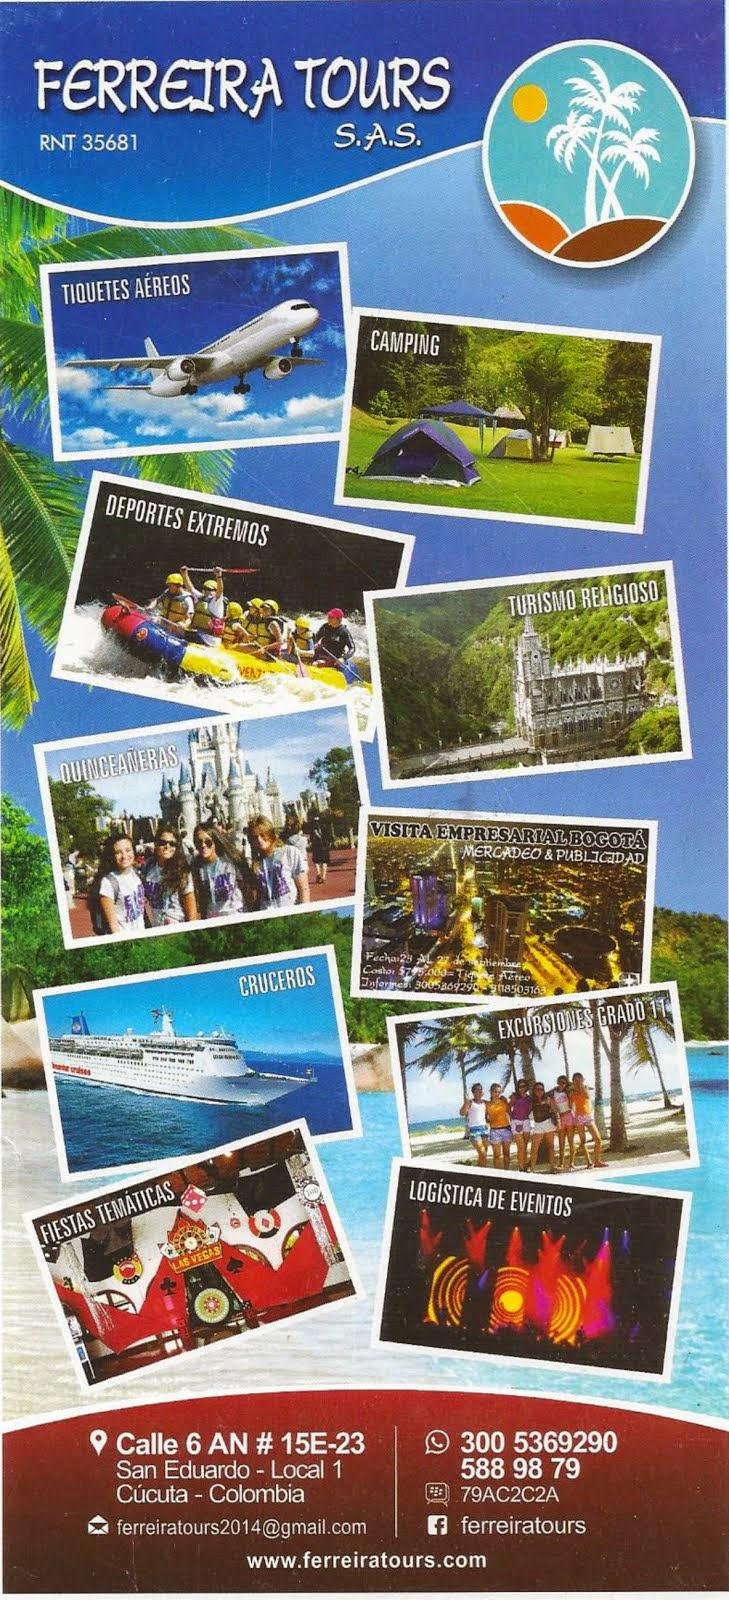 FERREIRA TOURS S.A.S.